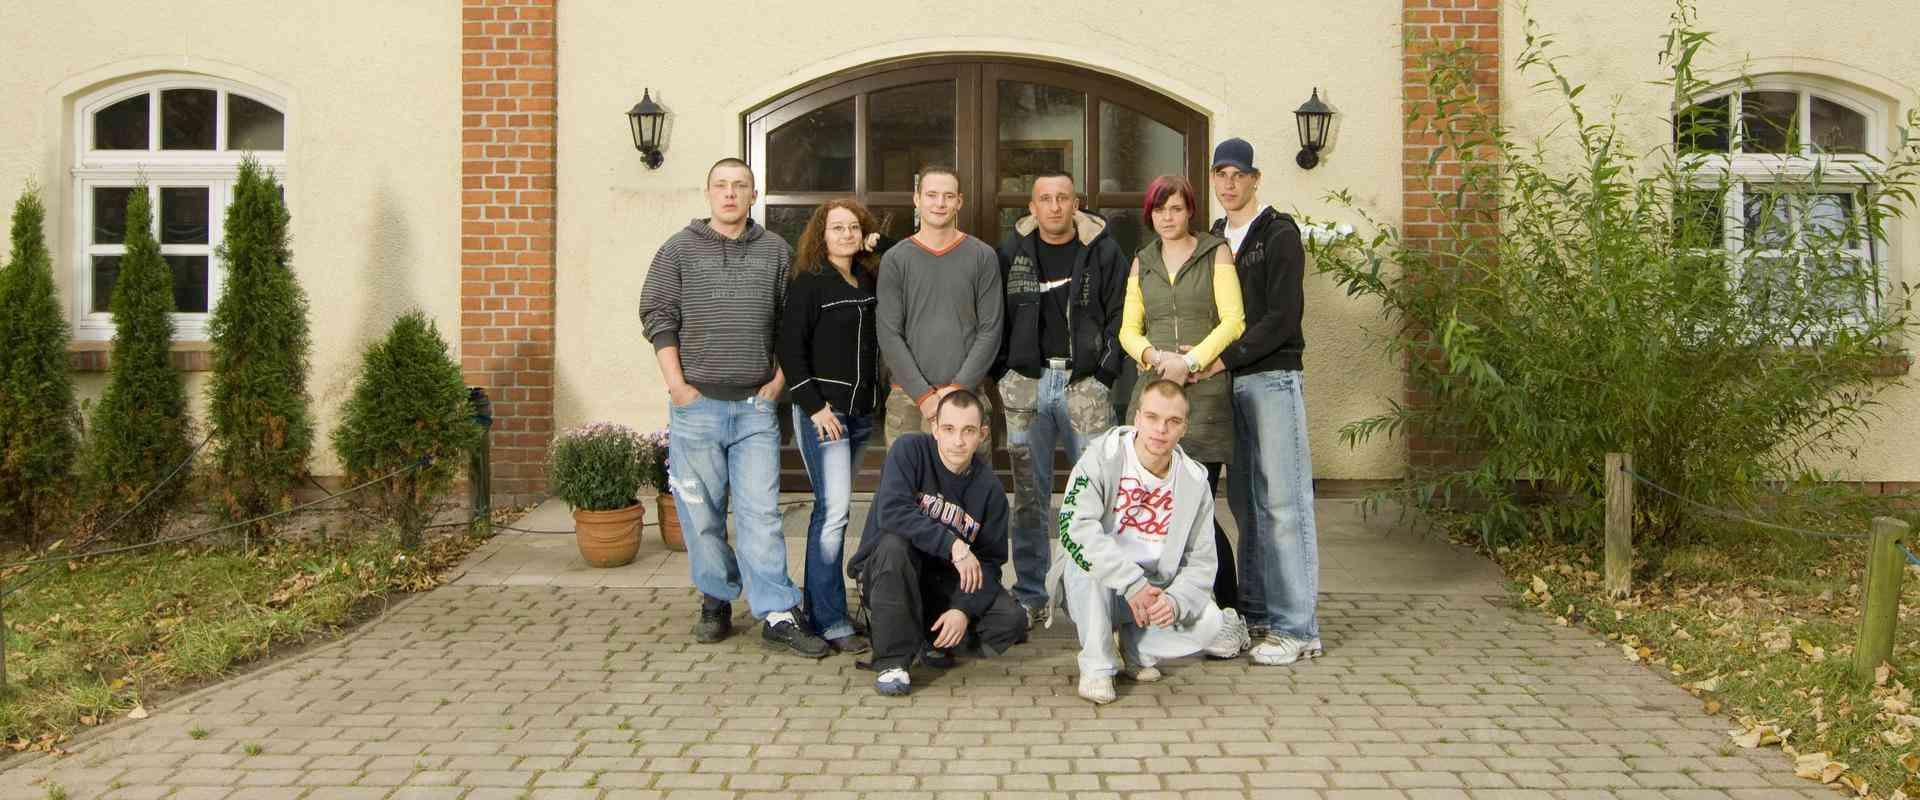 Gruppenfoto vor dem MEDIAN Therapiezentrum Ravensruh